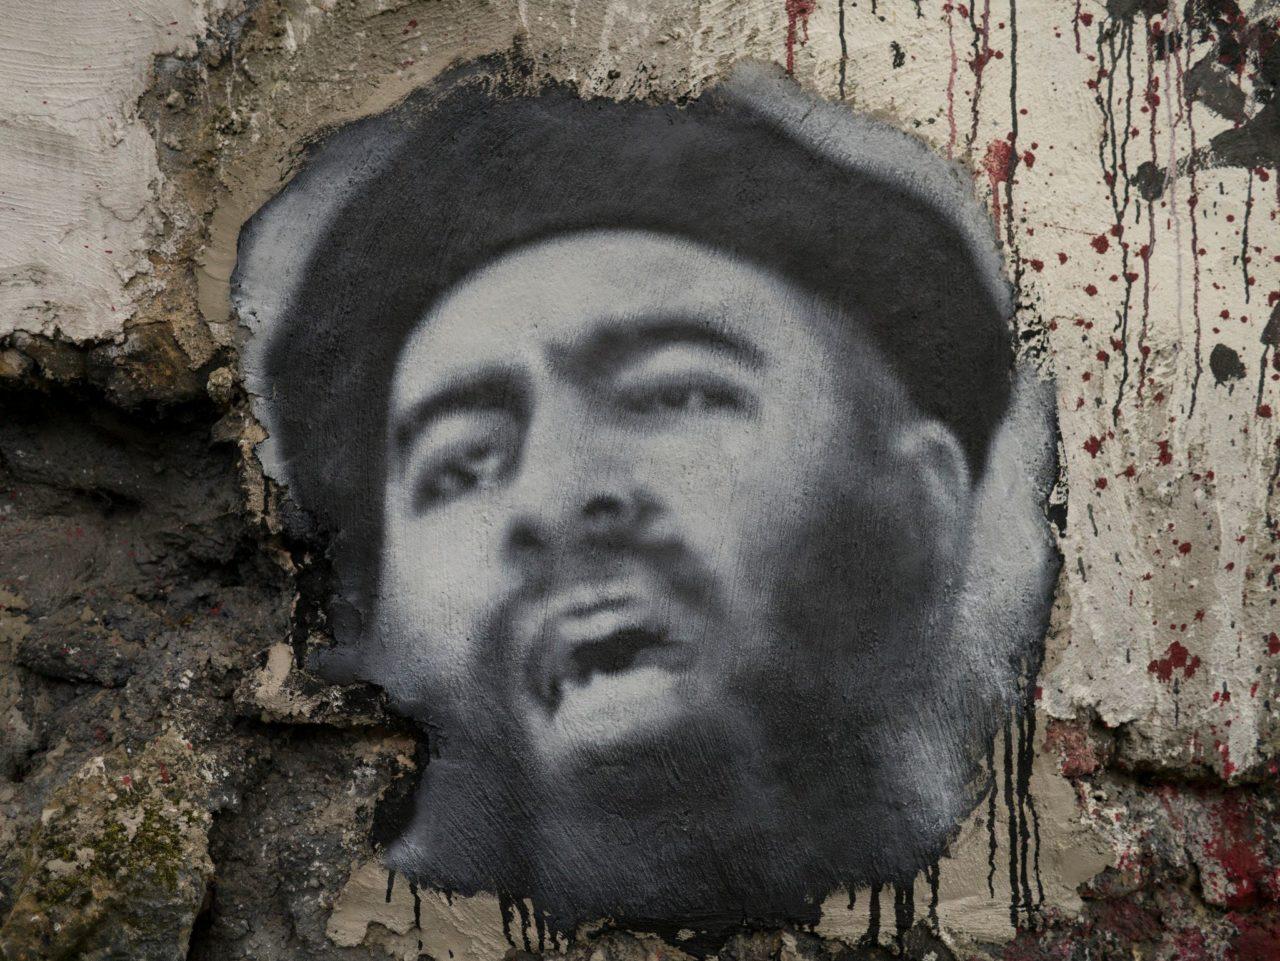 Portrait-of-Abu-Bakr-al-Baghdadi-1280x961.jpg